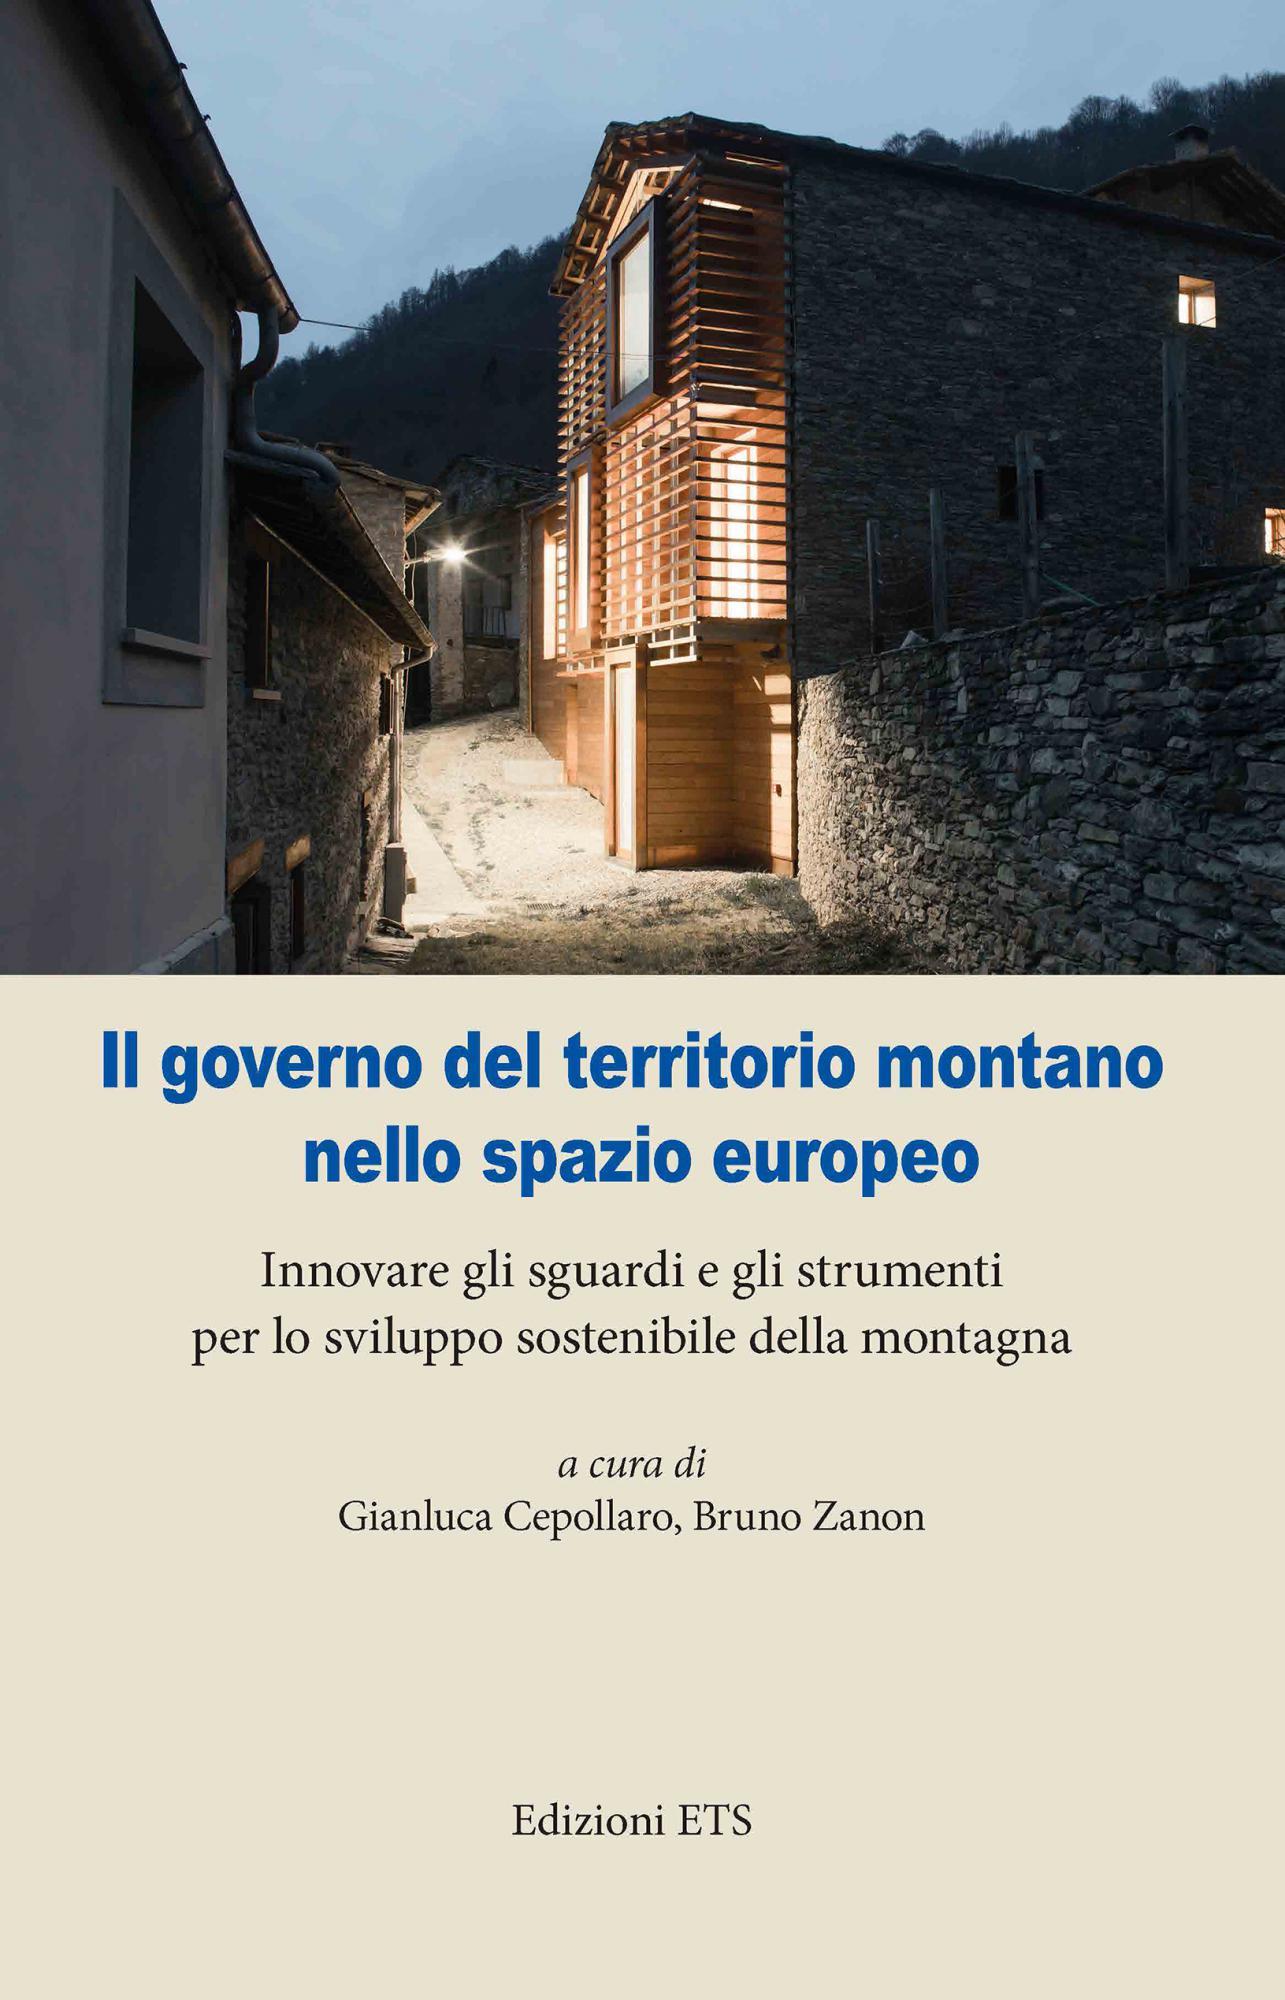 Il governo del territorio montano nello spazio europeo.Innovare gli sguardi e gli strumenti per lo sviluppo sostenibile della montagna